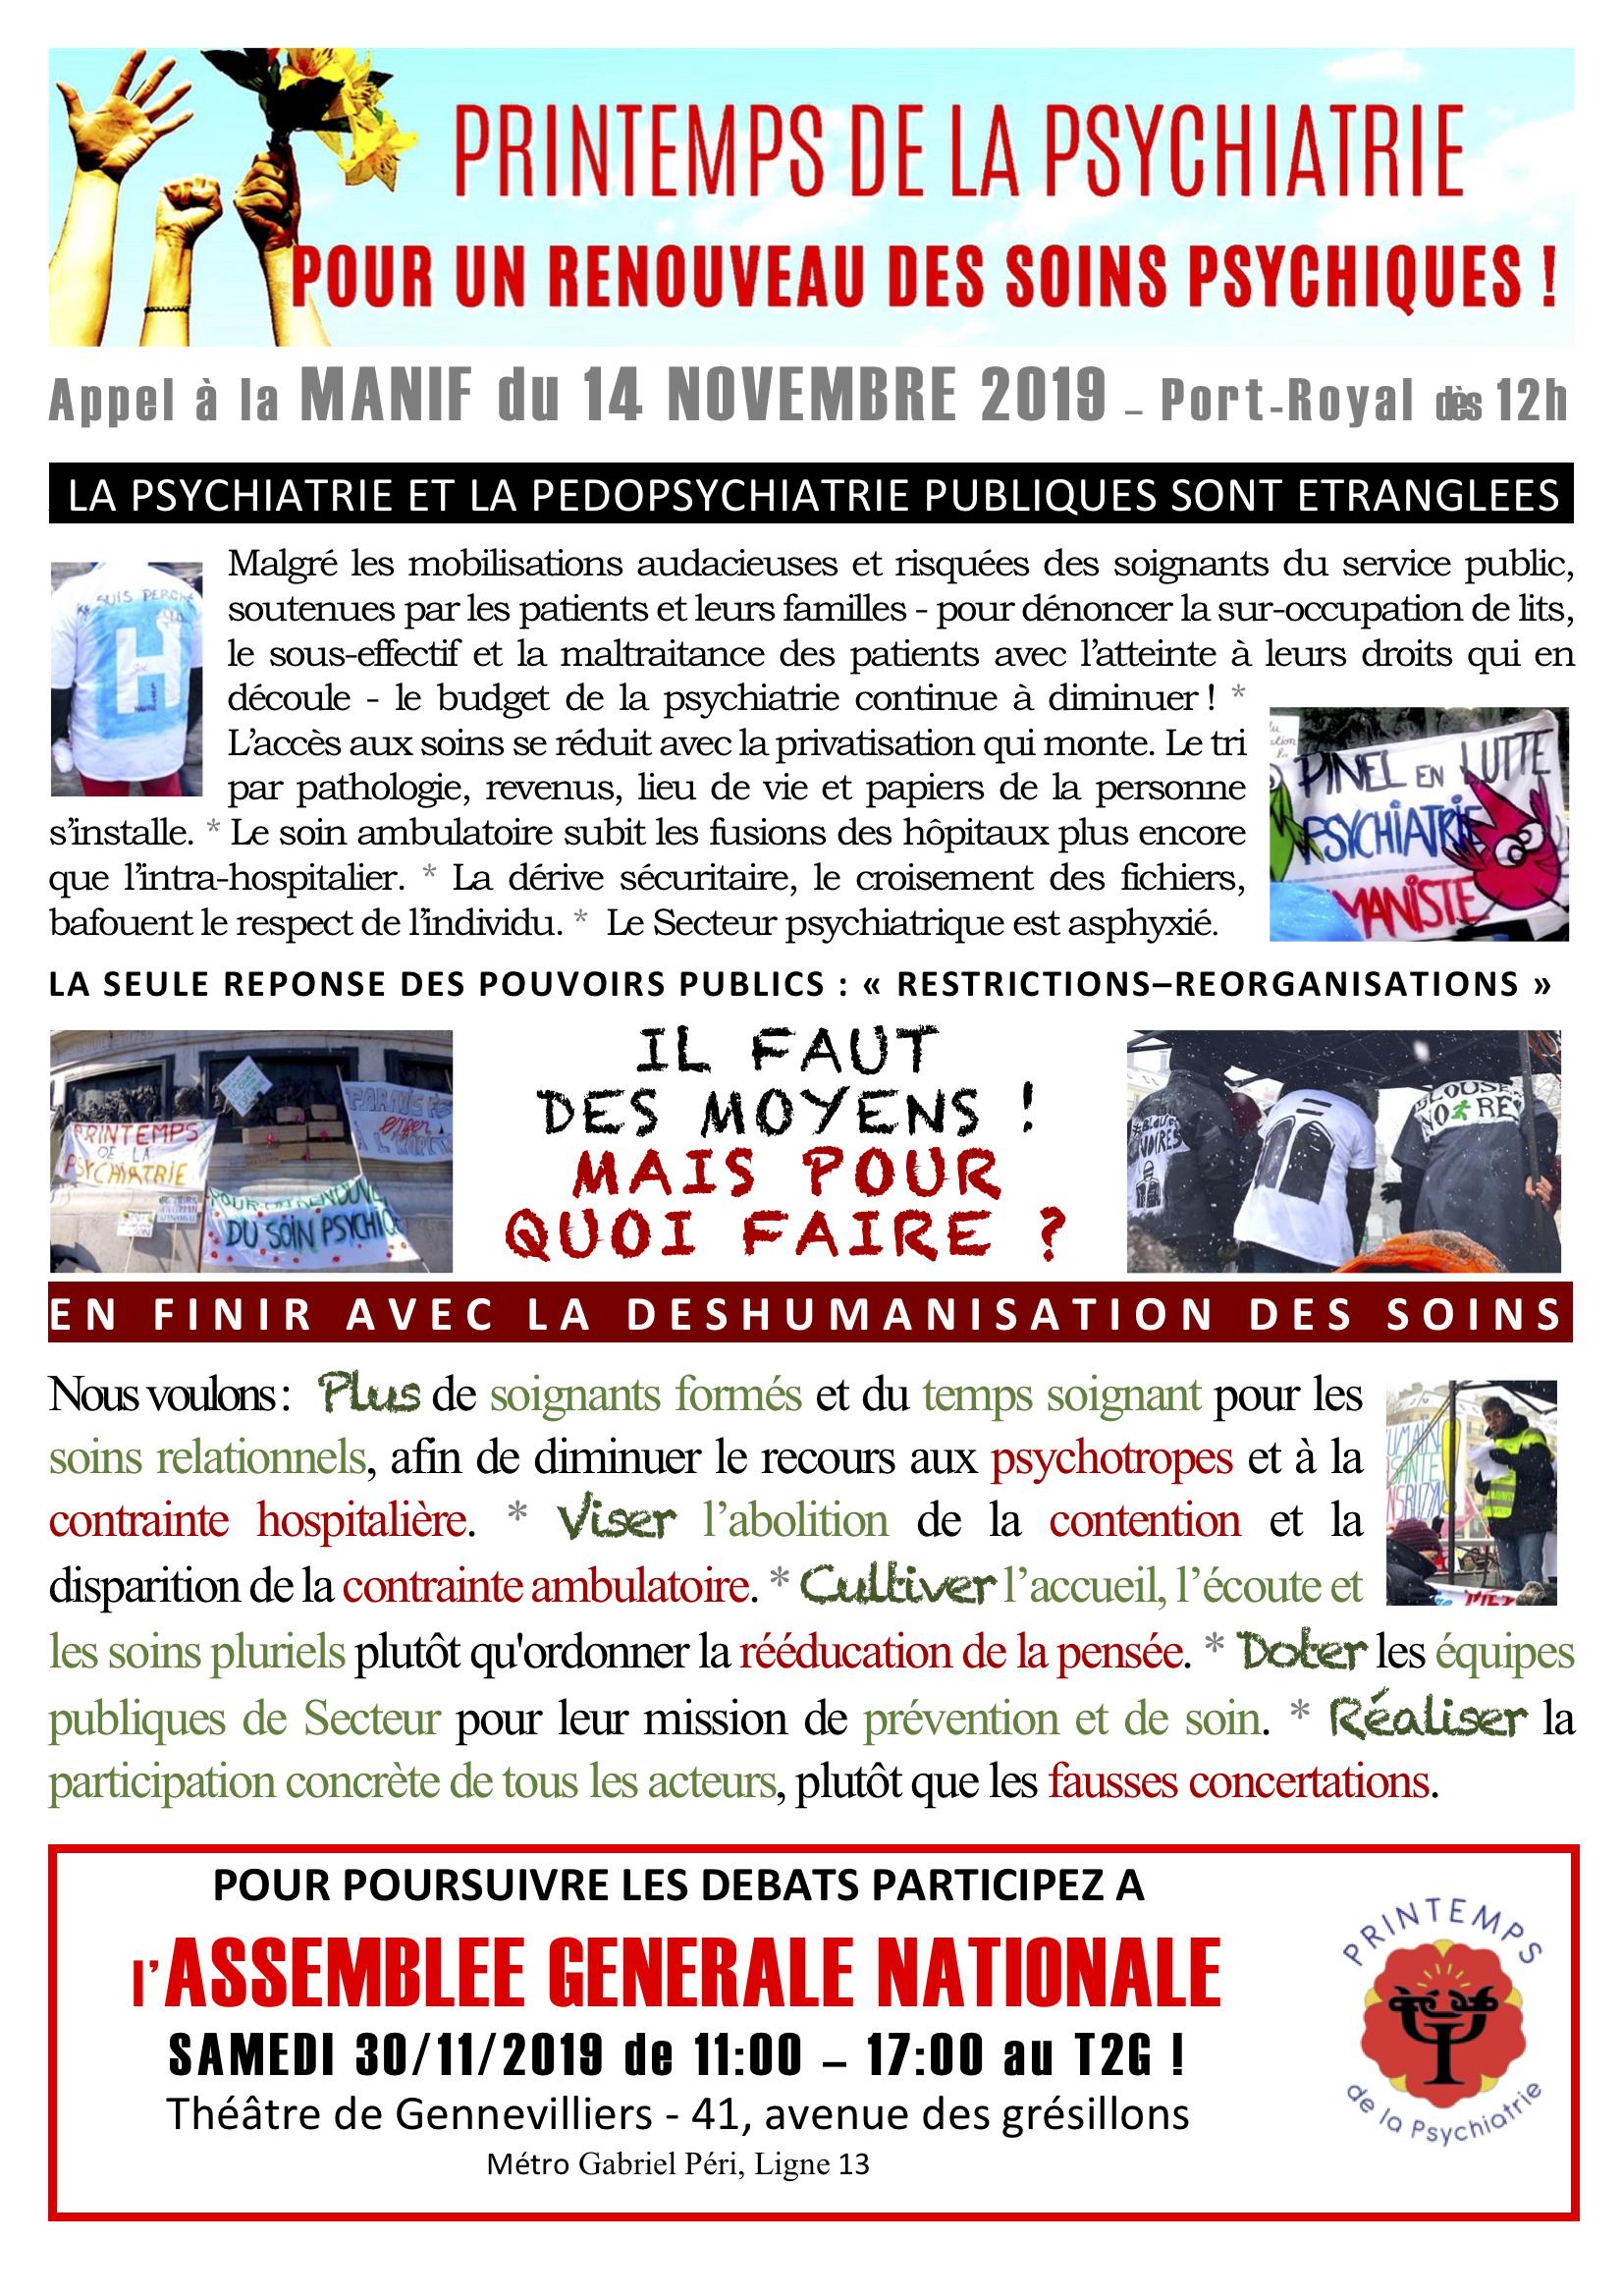 Acte 3 Printemps de la psychiatrie 14.11.2019